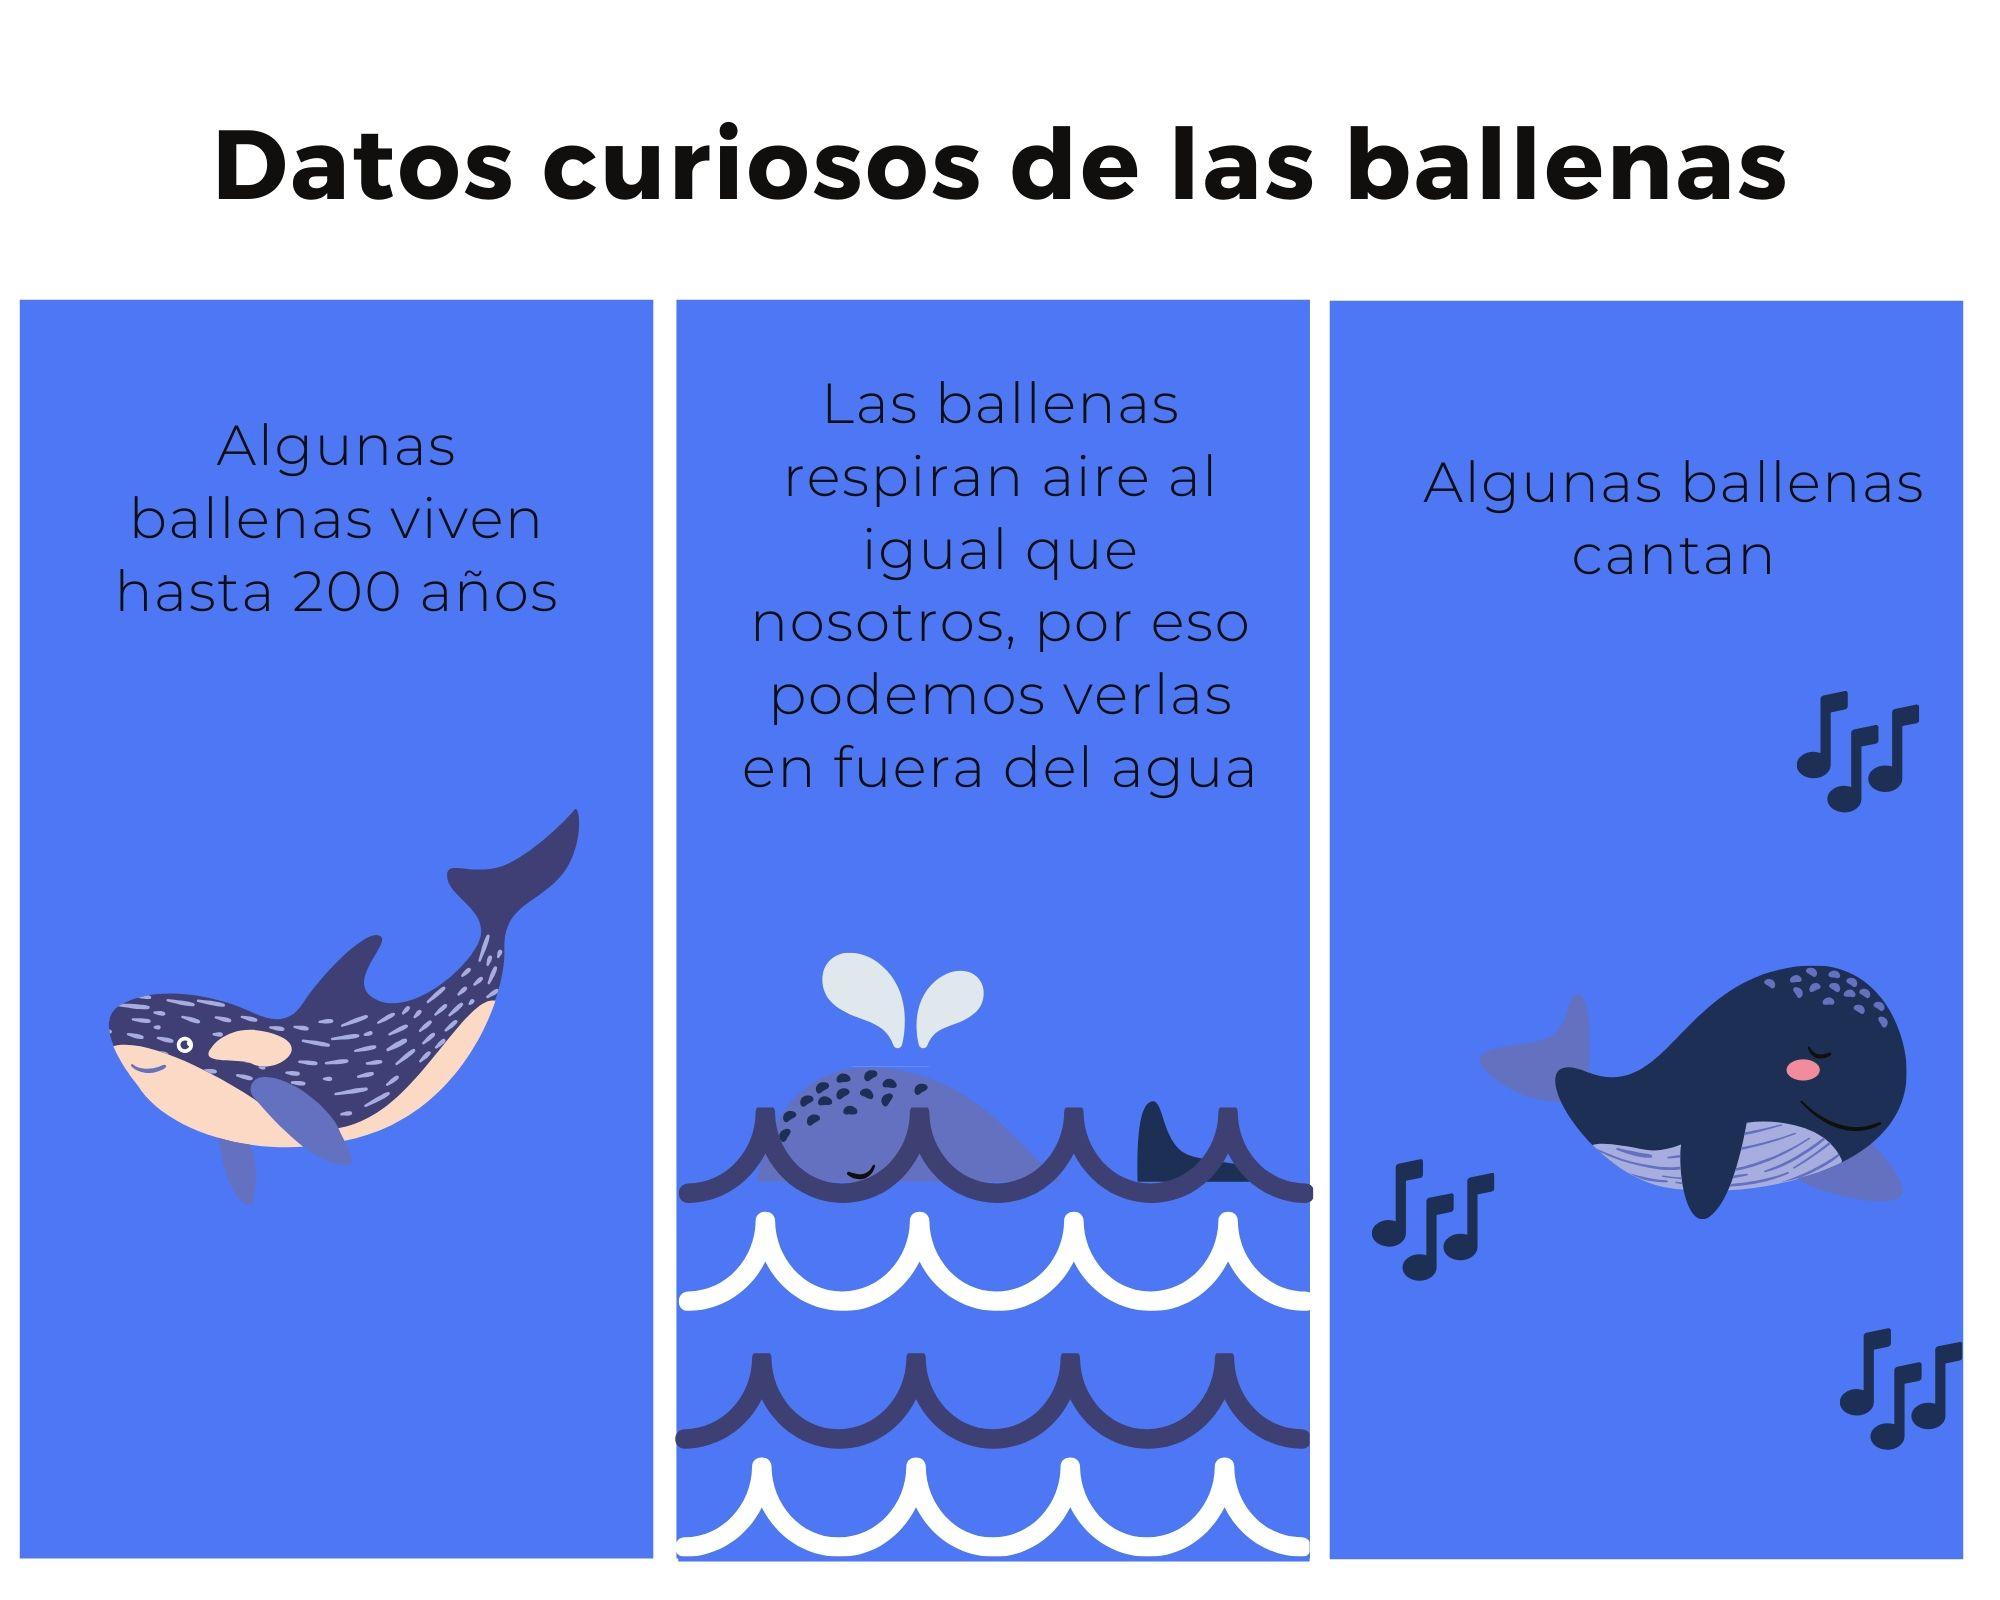 Datos curiosos sobre las ballenas